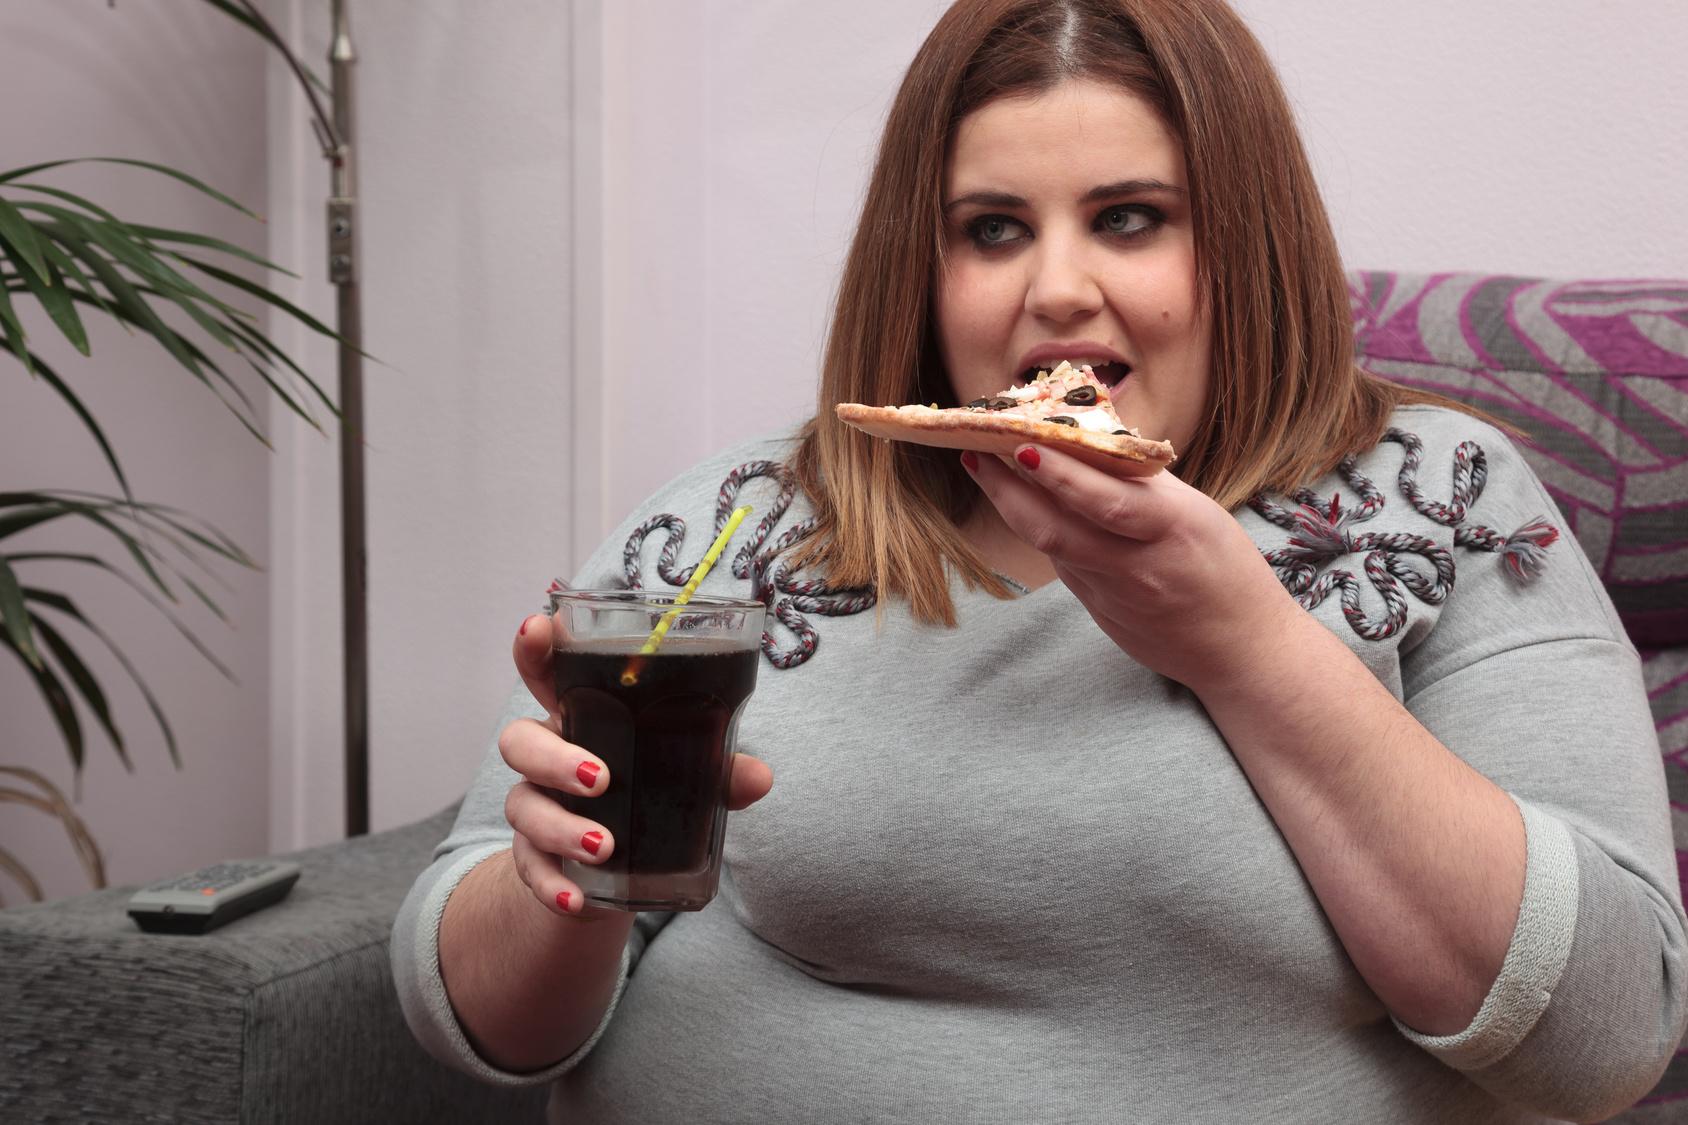 obesità, sovrappeso bibite